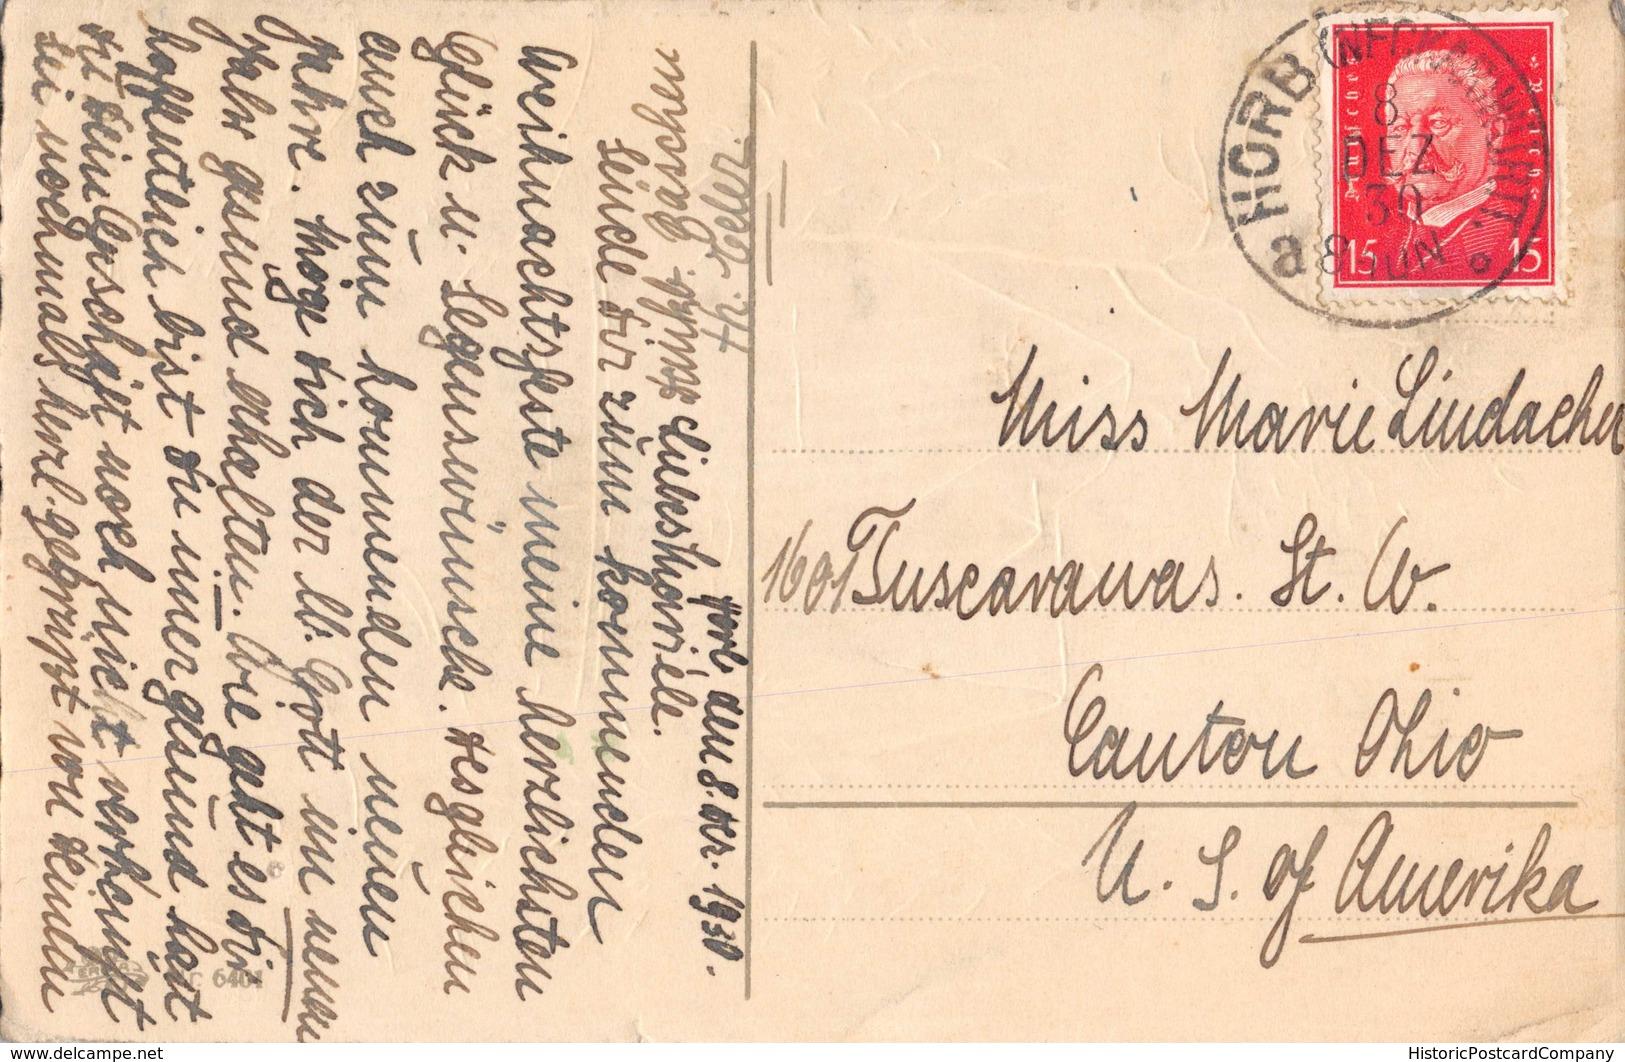 HERZLICHE WEIHNACHSGRÜßE-WINTER SETTING-ARTIST DRAWN GERMAN 1930 POSTMARK HORB NECKERWURTT POSTCARD 39558 - Autres